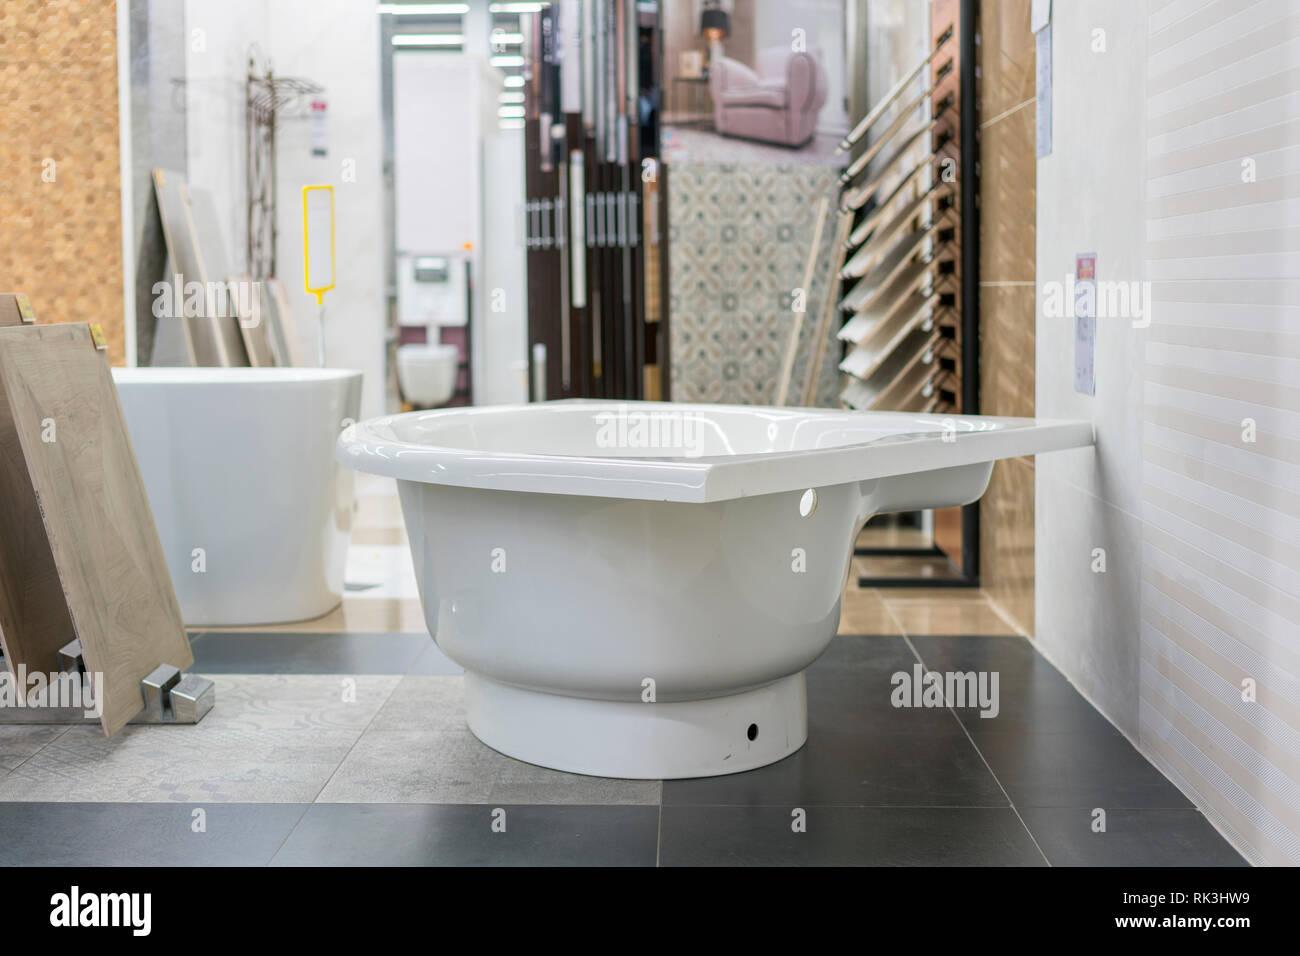 Badewanne im Gebäude lagern. Bäder im Sanitär Shop. shop ...